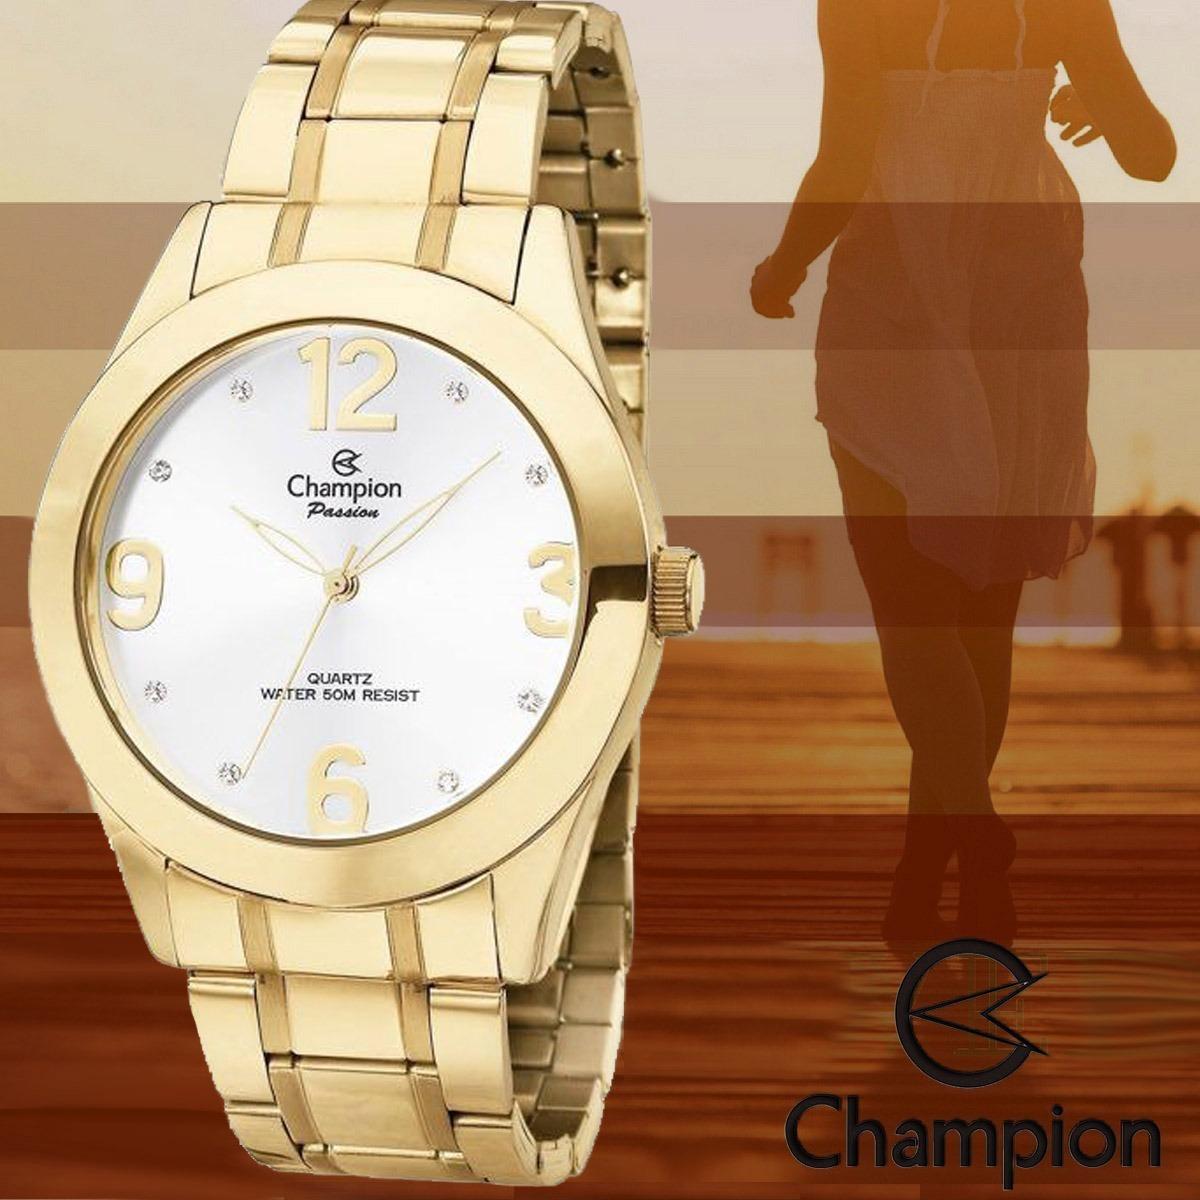 f371f98940a Relógio feminino dourado grande champion lindo carregando zoom jpg  1200x1200 Ch24268h relogio feminino dourado champion